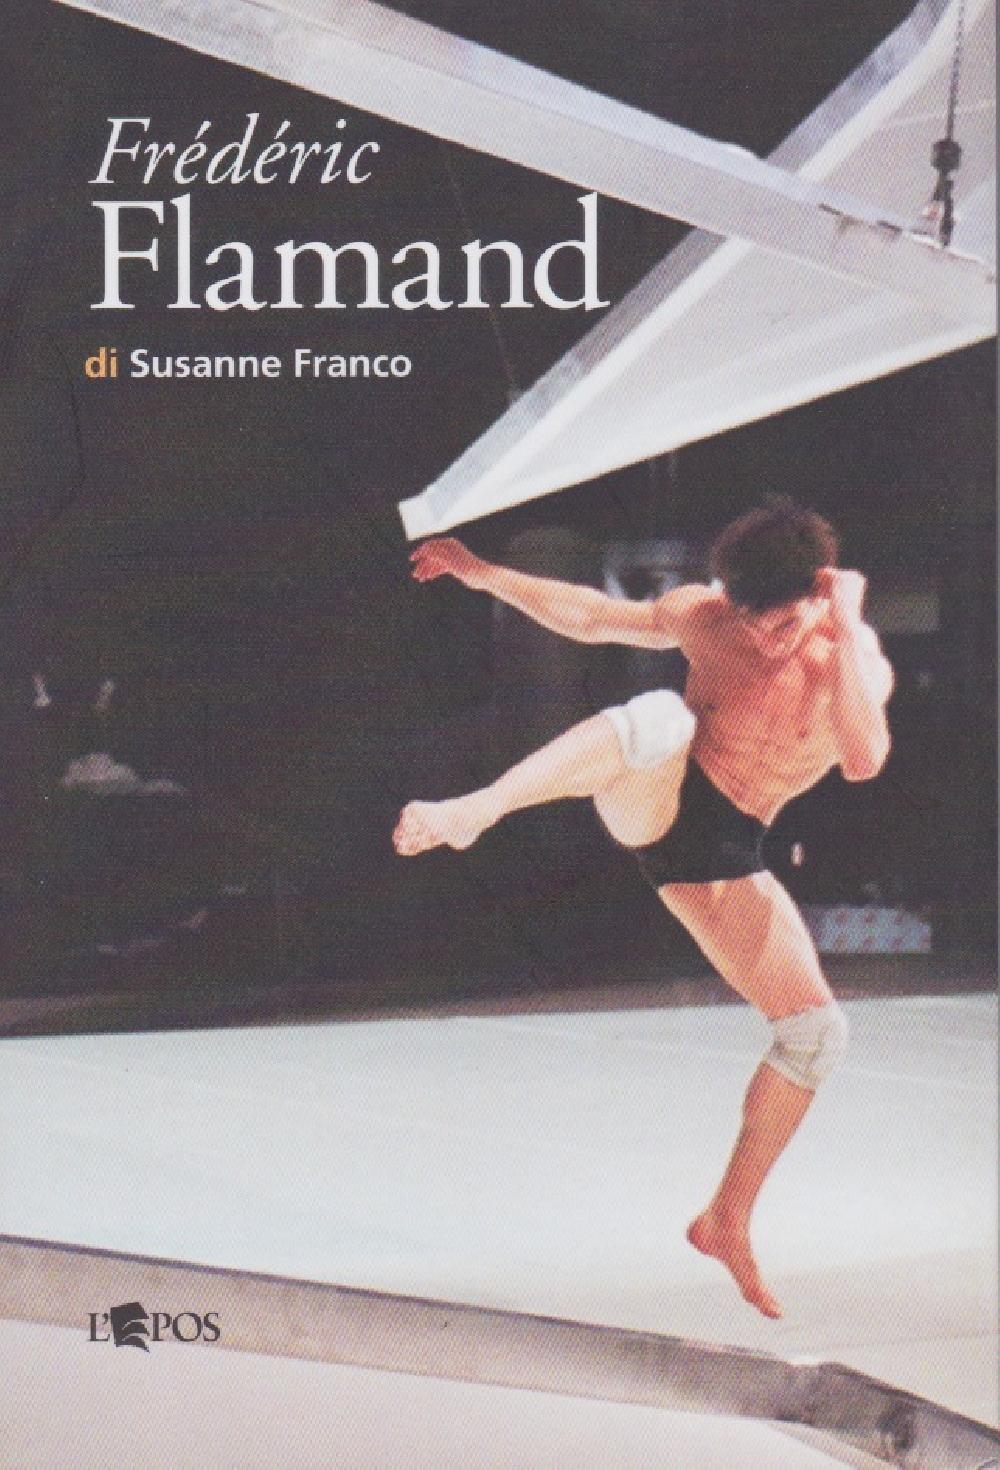 Frédéric Flamand